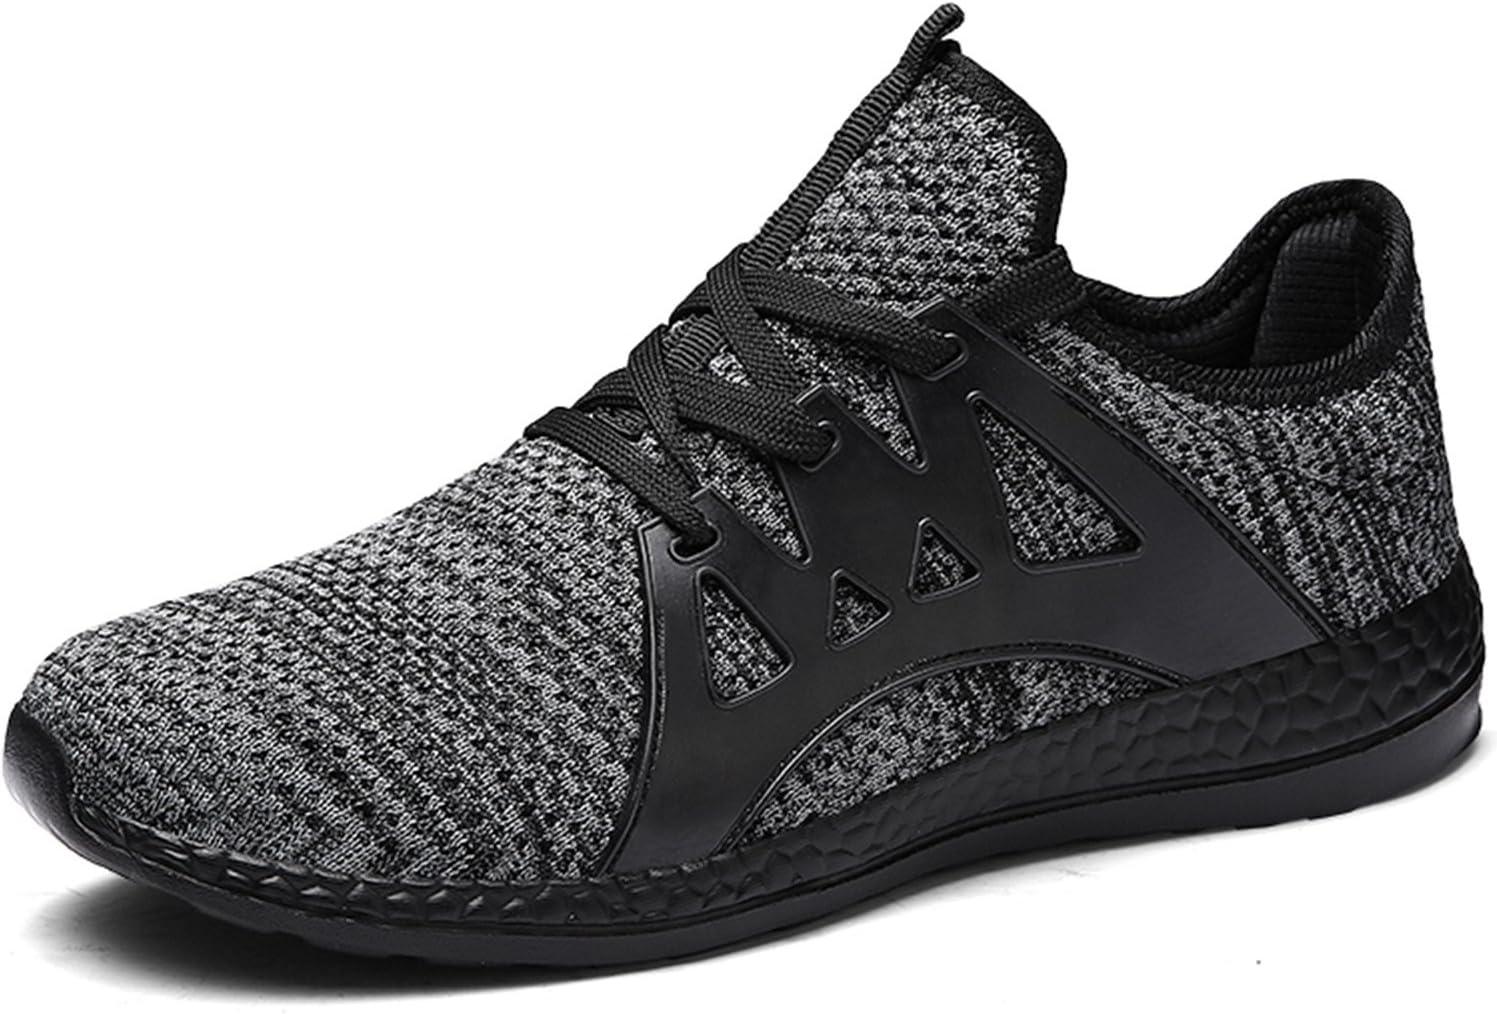 SINOES Zapatillas de Deportes Hombre Mujer Zapatos Deportivos Running Zapatillas para Correr: Amazon.es: Zapatos y complementos